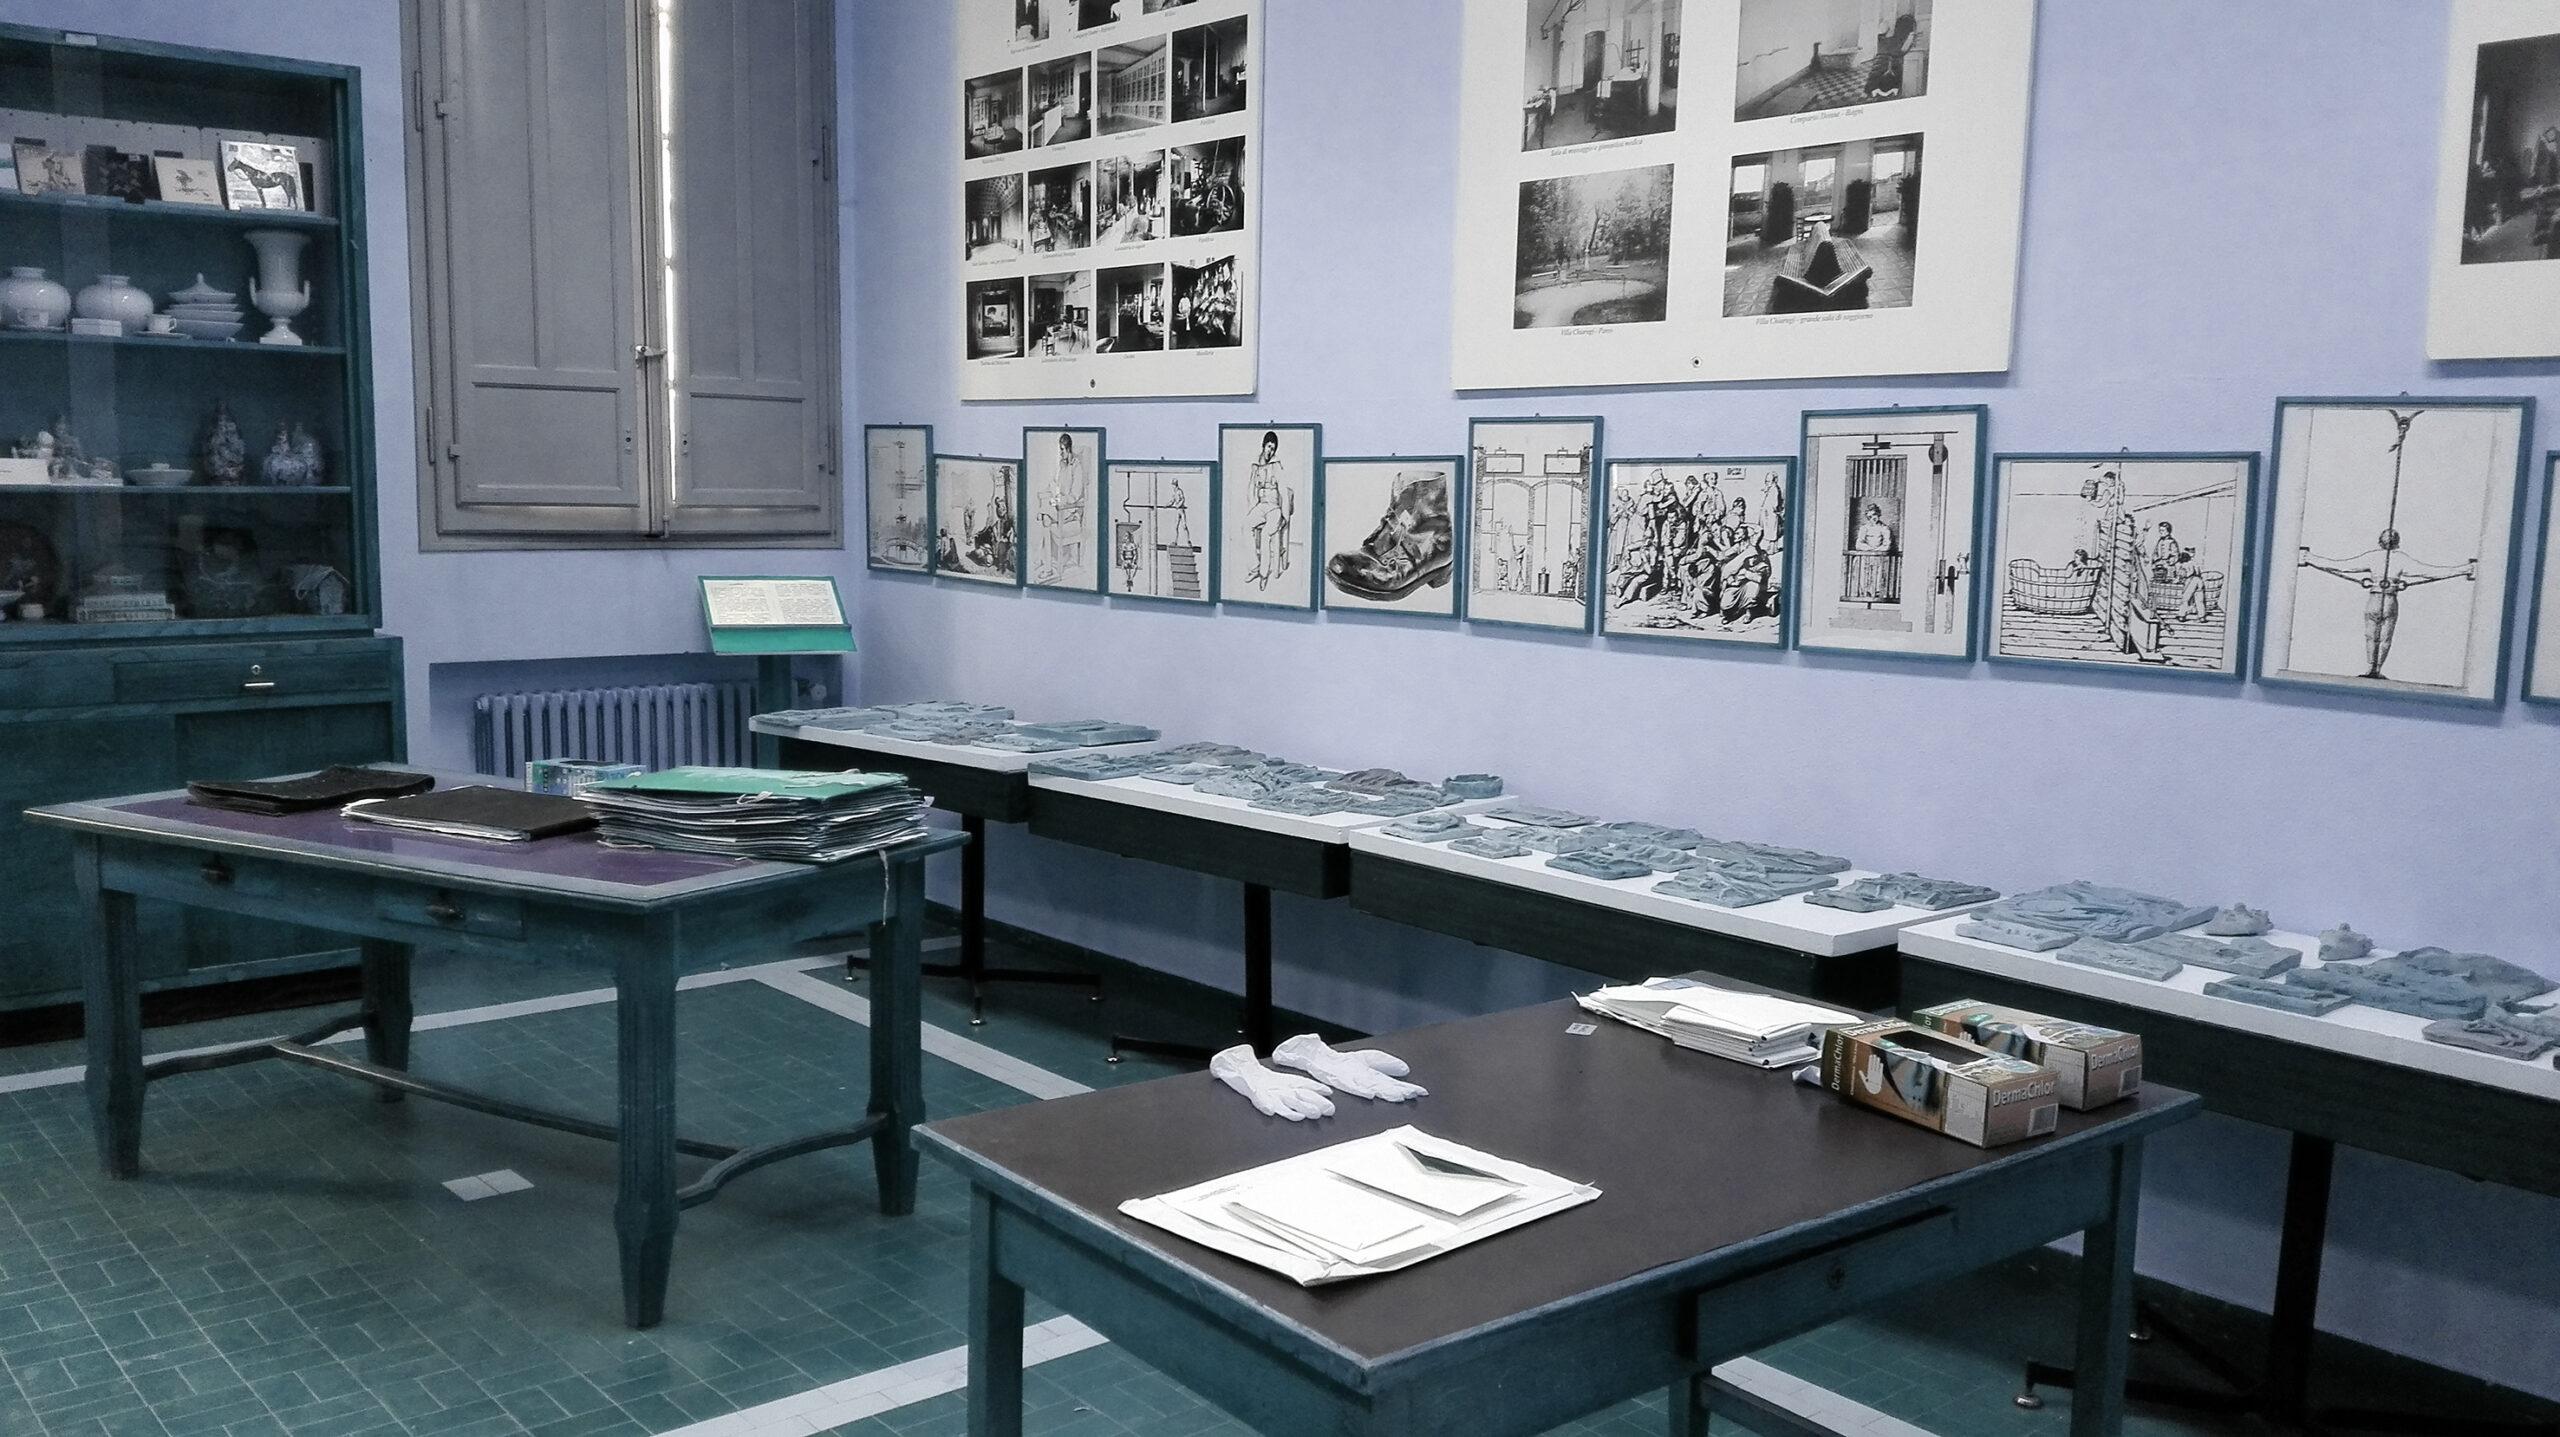 Christian Fogarolli, ricerca e studio presso l'archivio dell'ospedale di San Lazzaro, Reggio Emilia